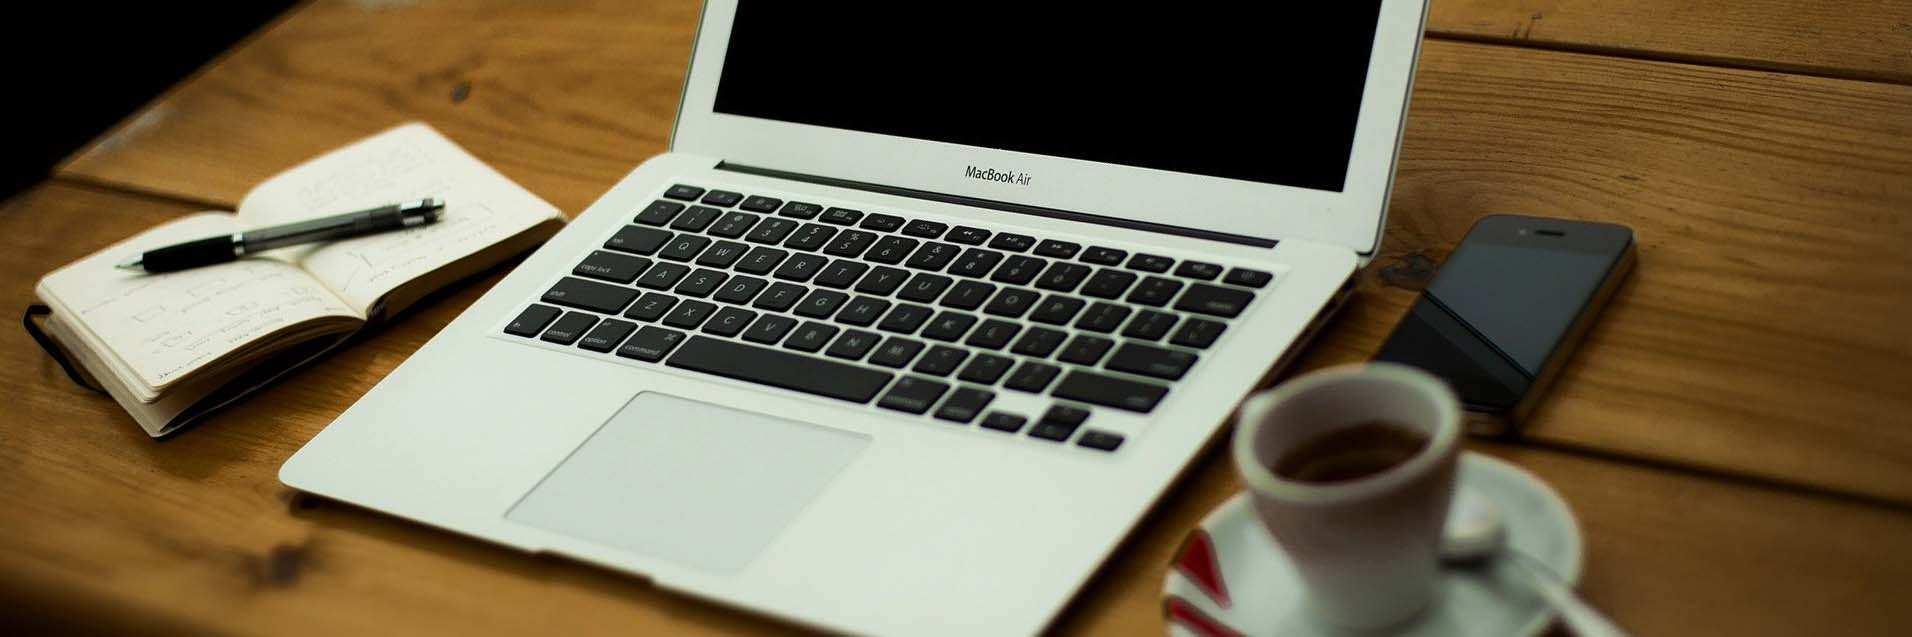 Home Office Vertrag Datenschutzexperte De